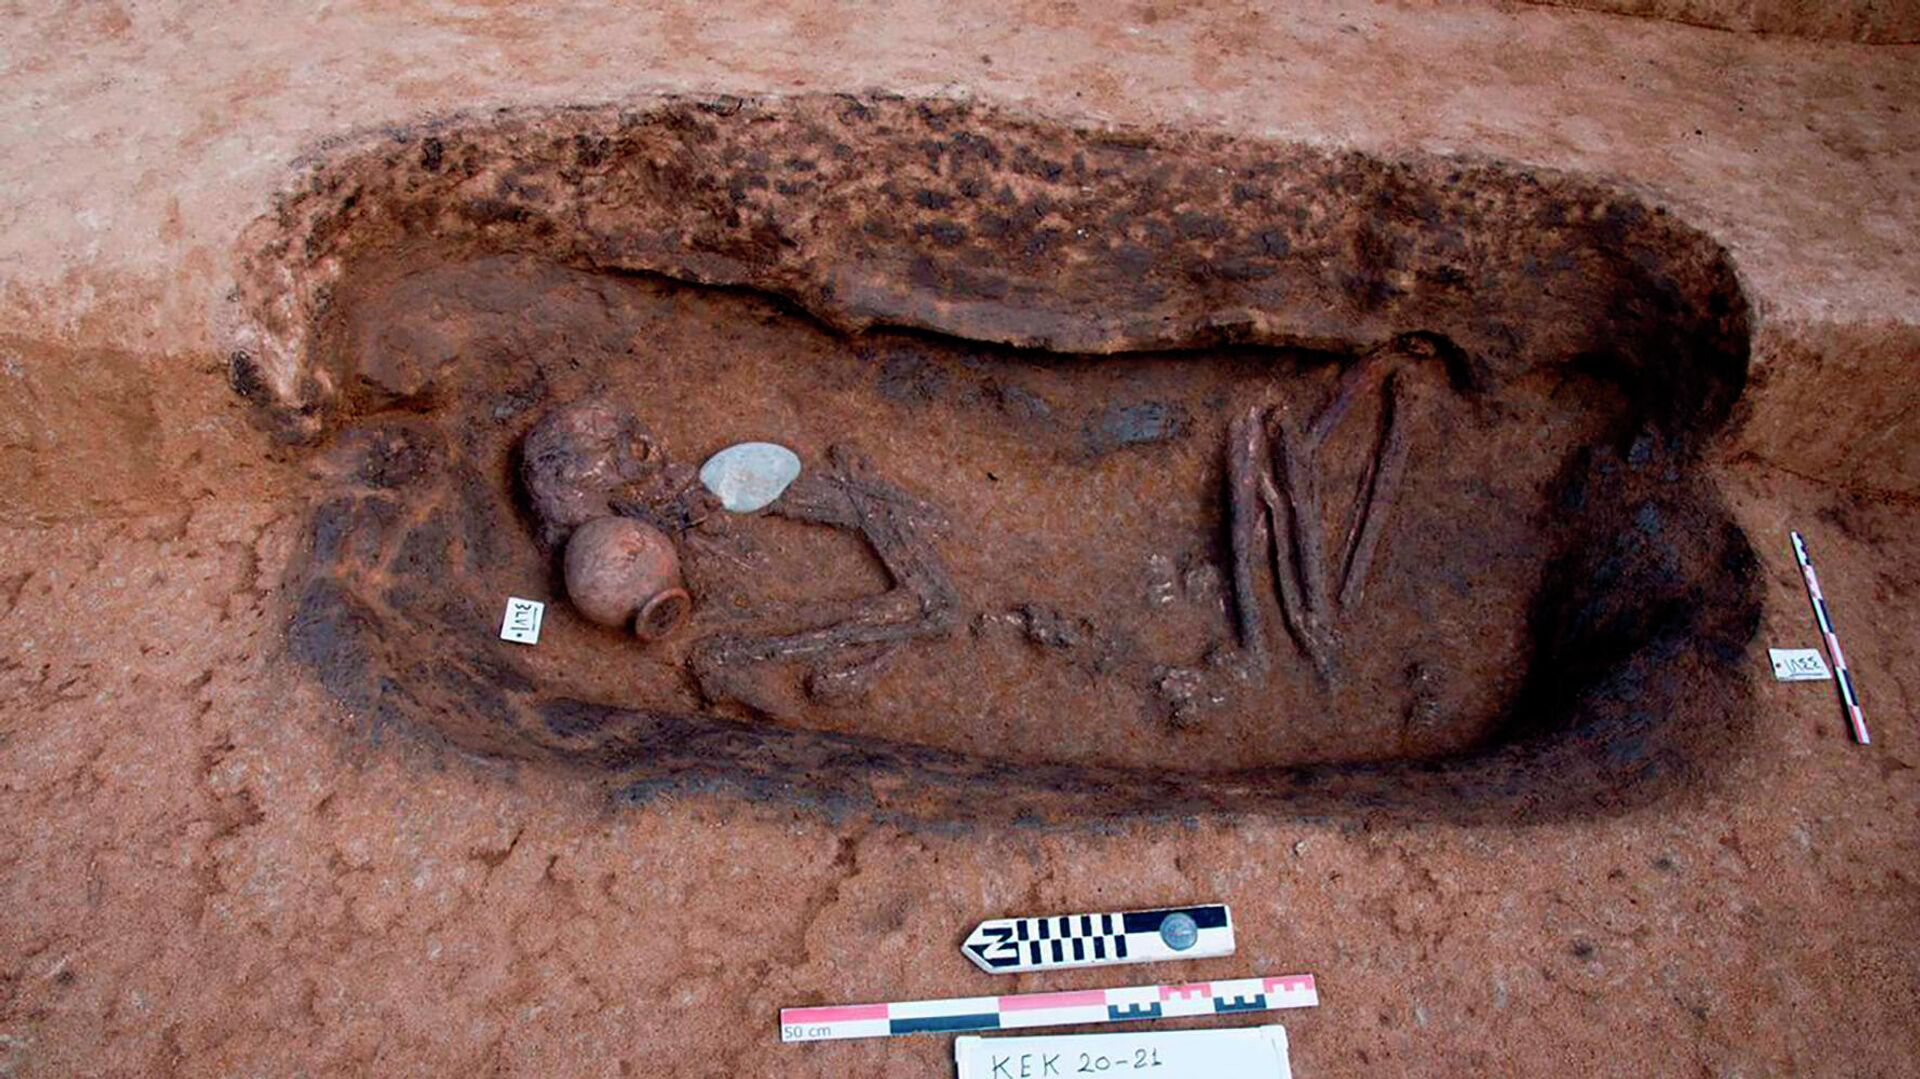 Tumbas en el sitio arqueológico de Koum el-Khulgan en el Delta del Nilo - Sputnik Mundo, 1920, 29.04.2021